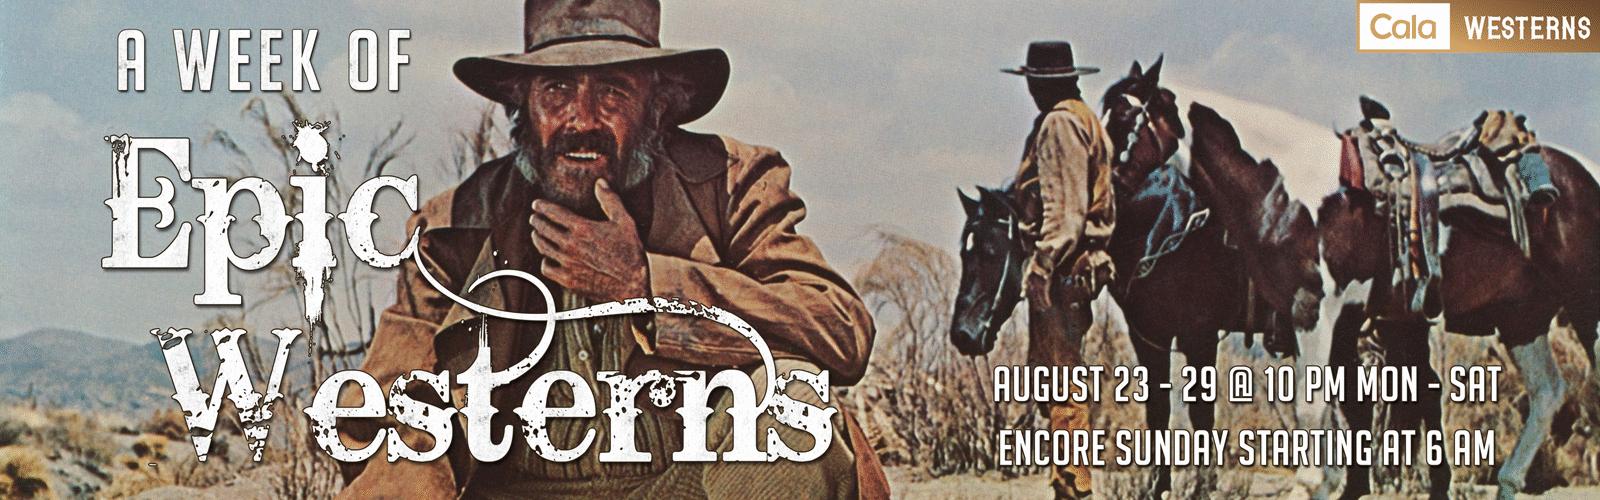 Epic Westerns Web Banner Image